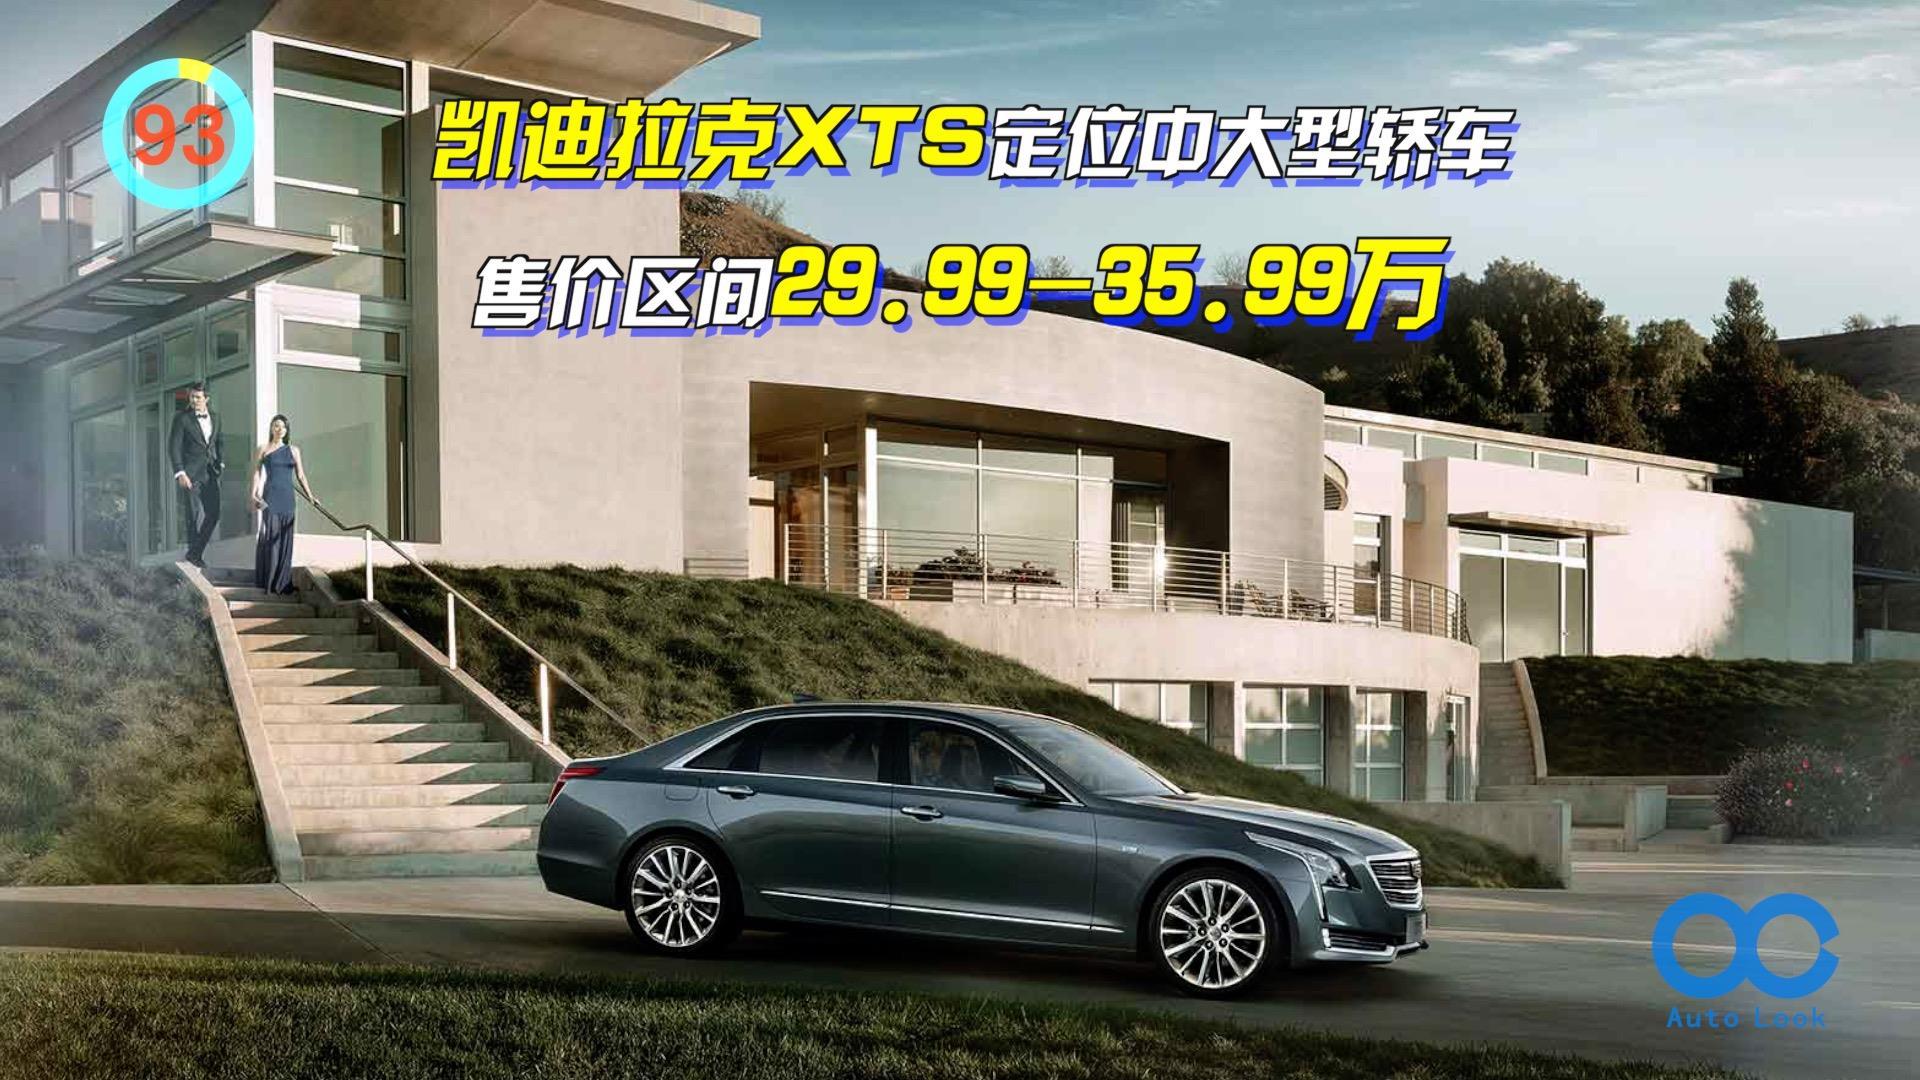 「百秒看车」凯迪拉克XTS 标配2.0T配6AT 对标A6L